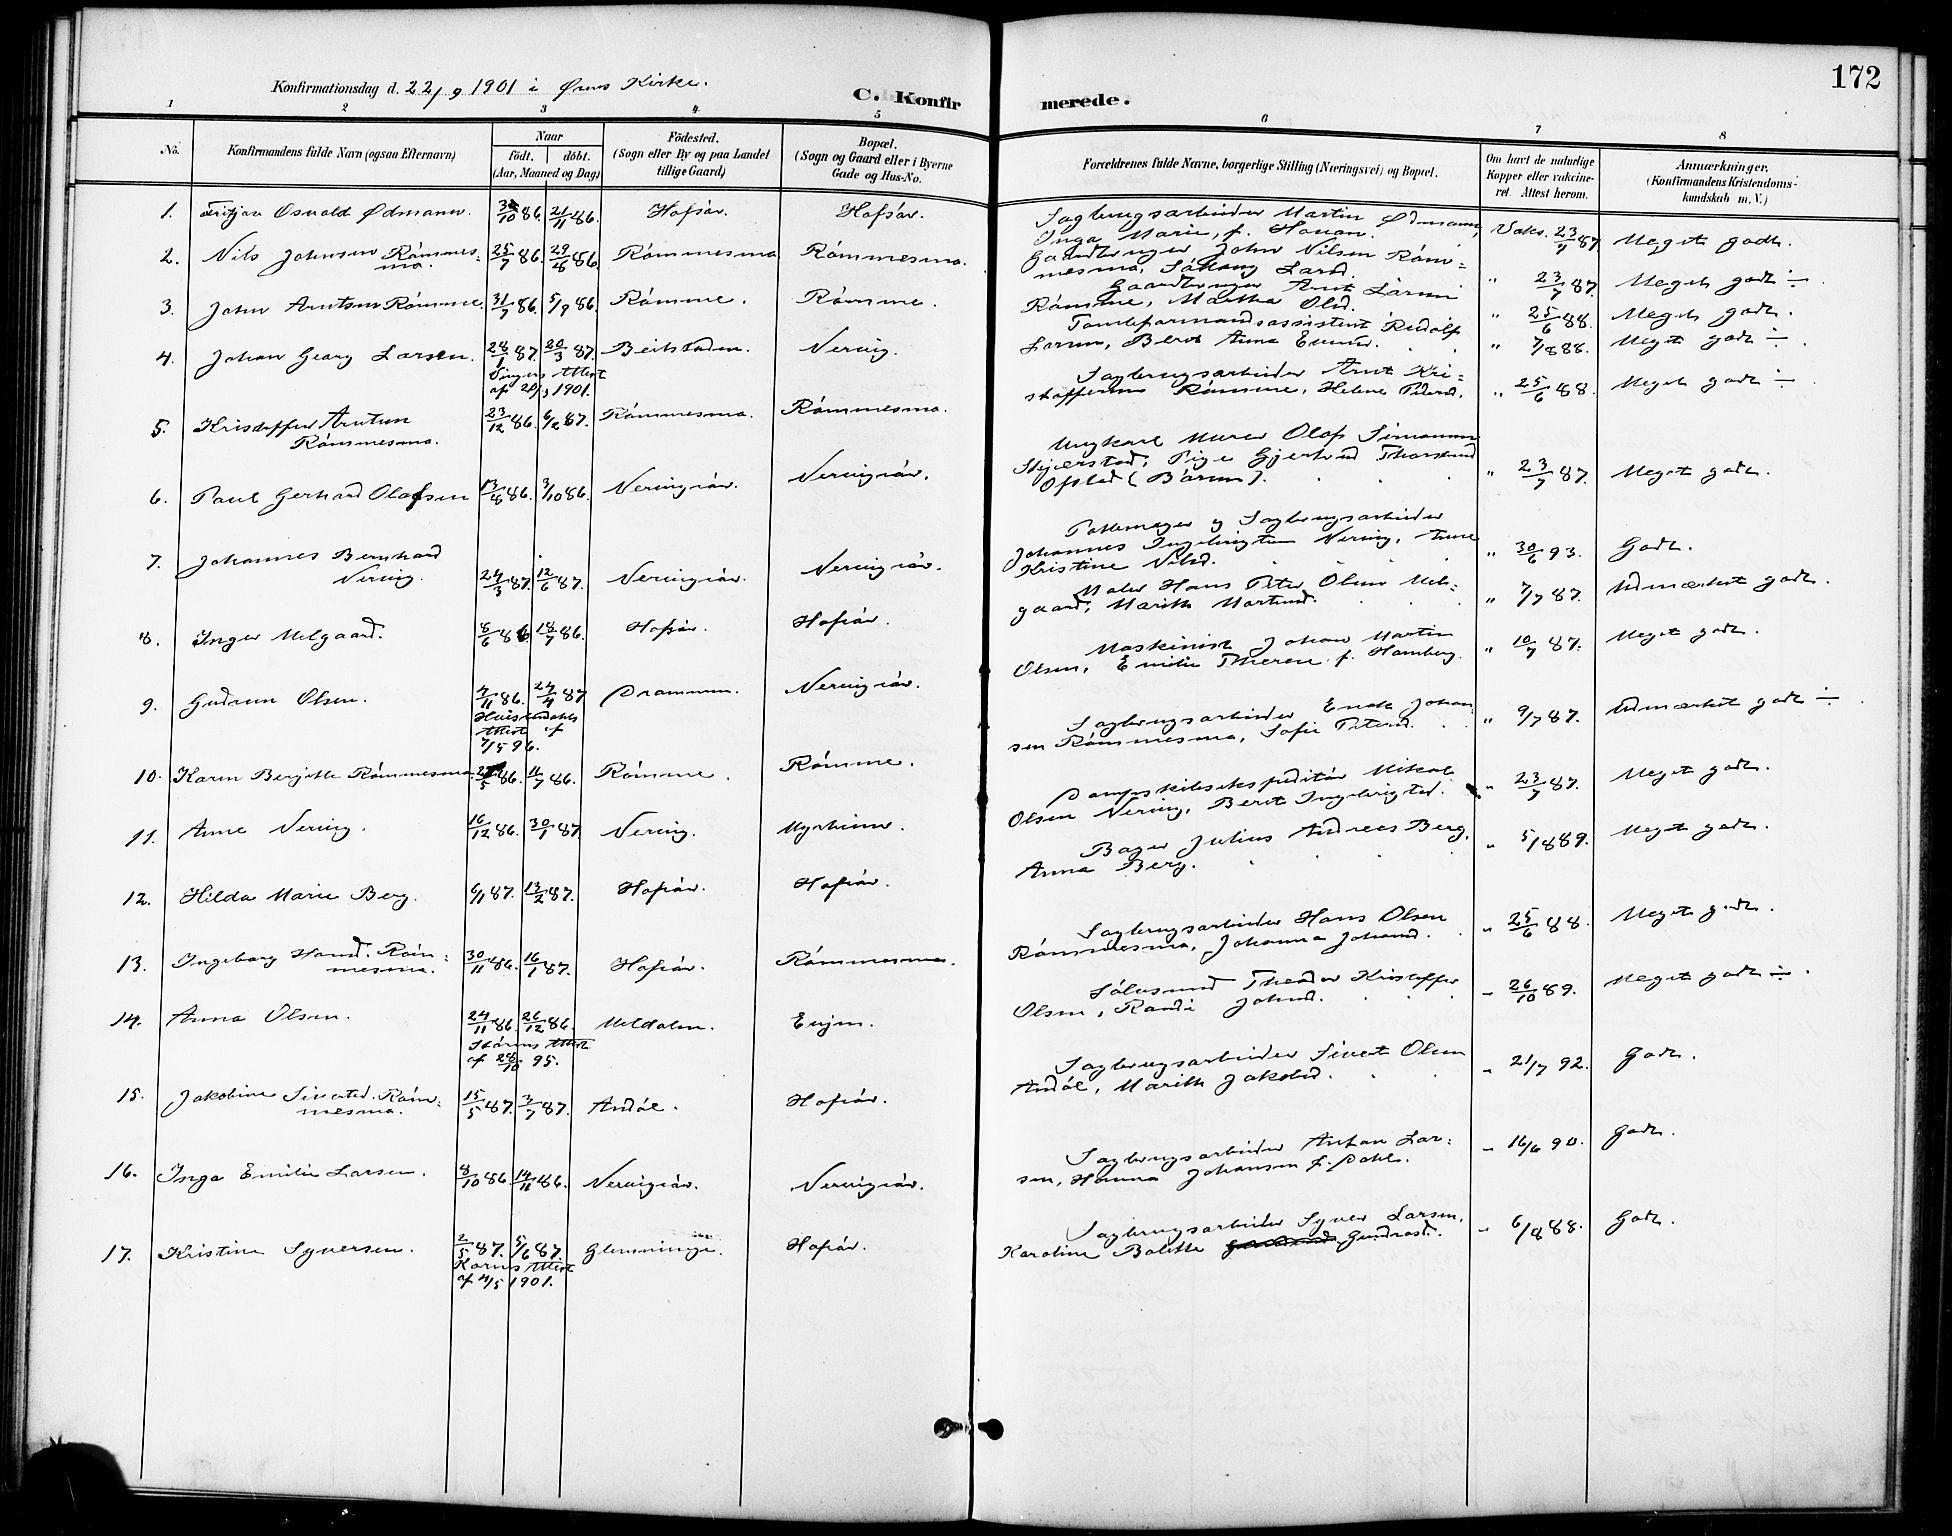 SAT, Ministerialprotokoller, klokkerbøker og fødselsregistre - Sør-Trøndelag, 668/L0819: Klokkerbok nr. 668C08, 1899-1912, s. 172